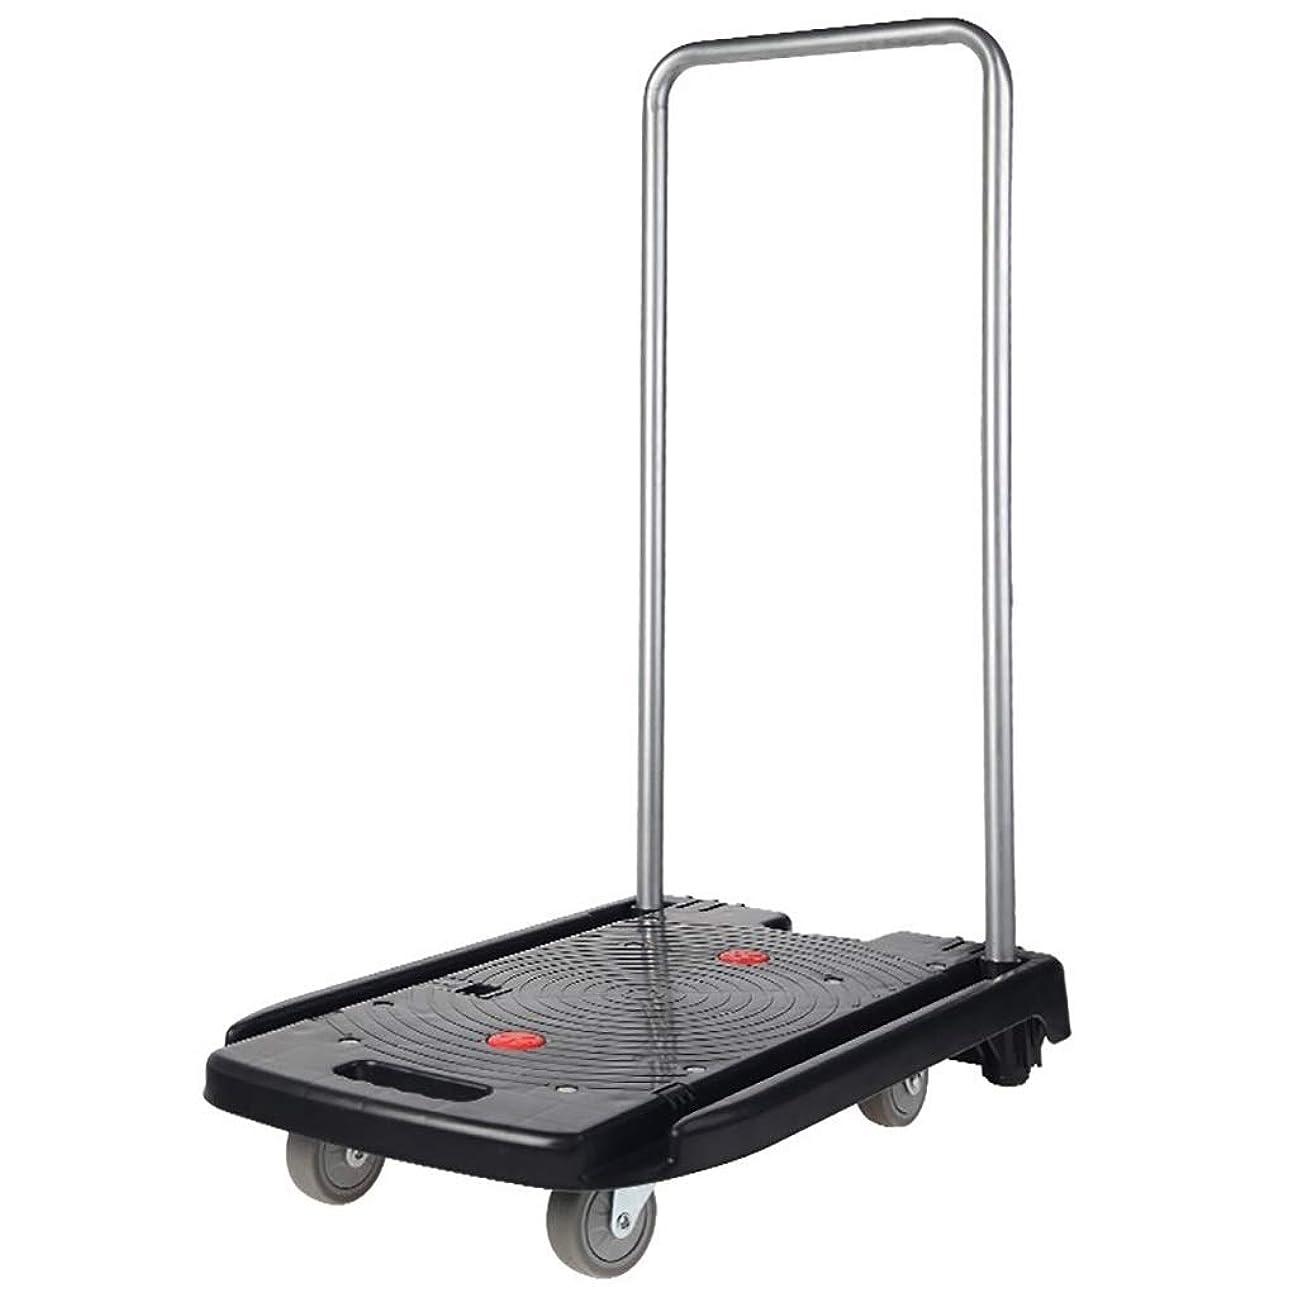 エントリジャンル相続人MBDXHJ 移動用品およびショッピング用ドリーカート折りたたみ式ポータブルハンドトラック荷物台車-負荷35kg-黒